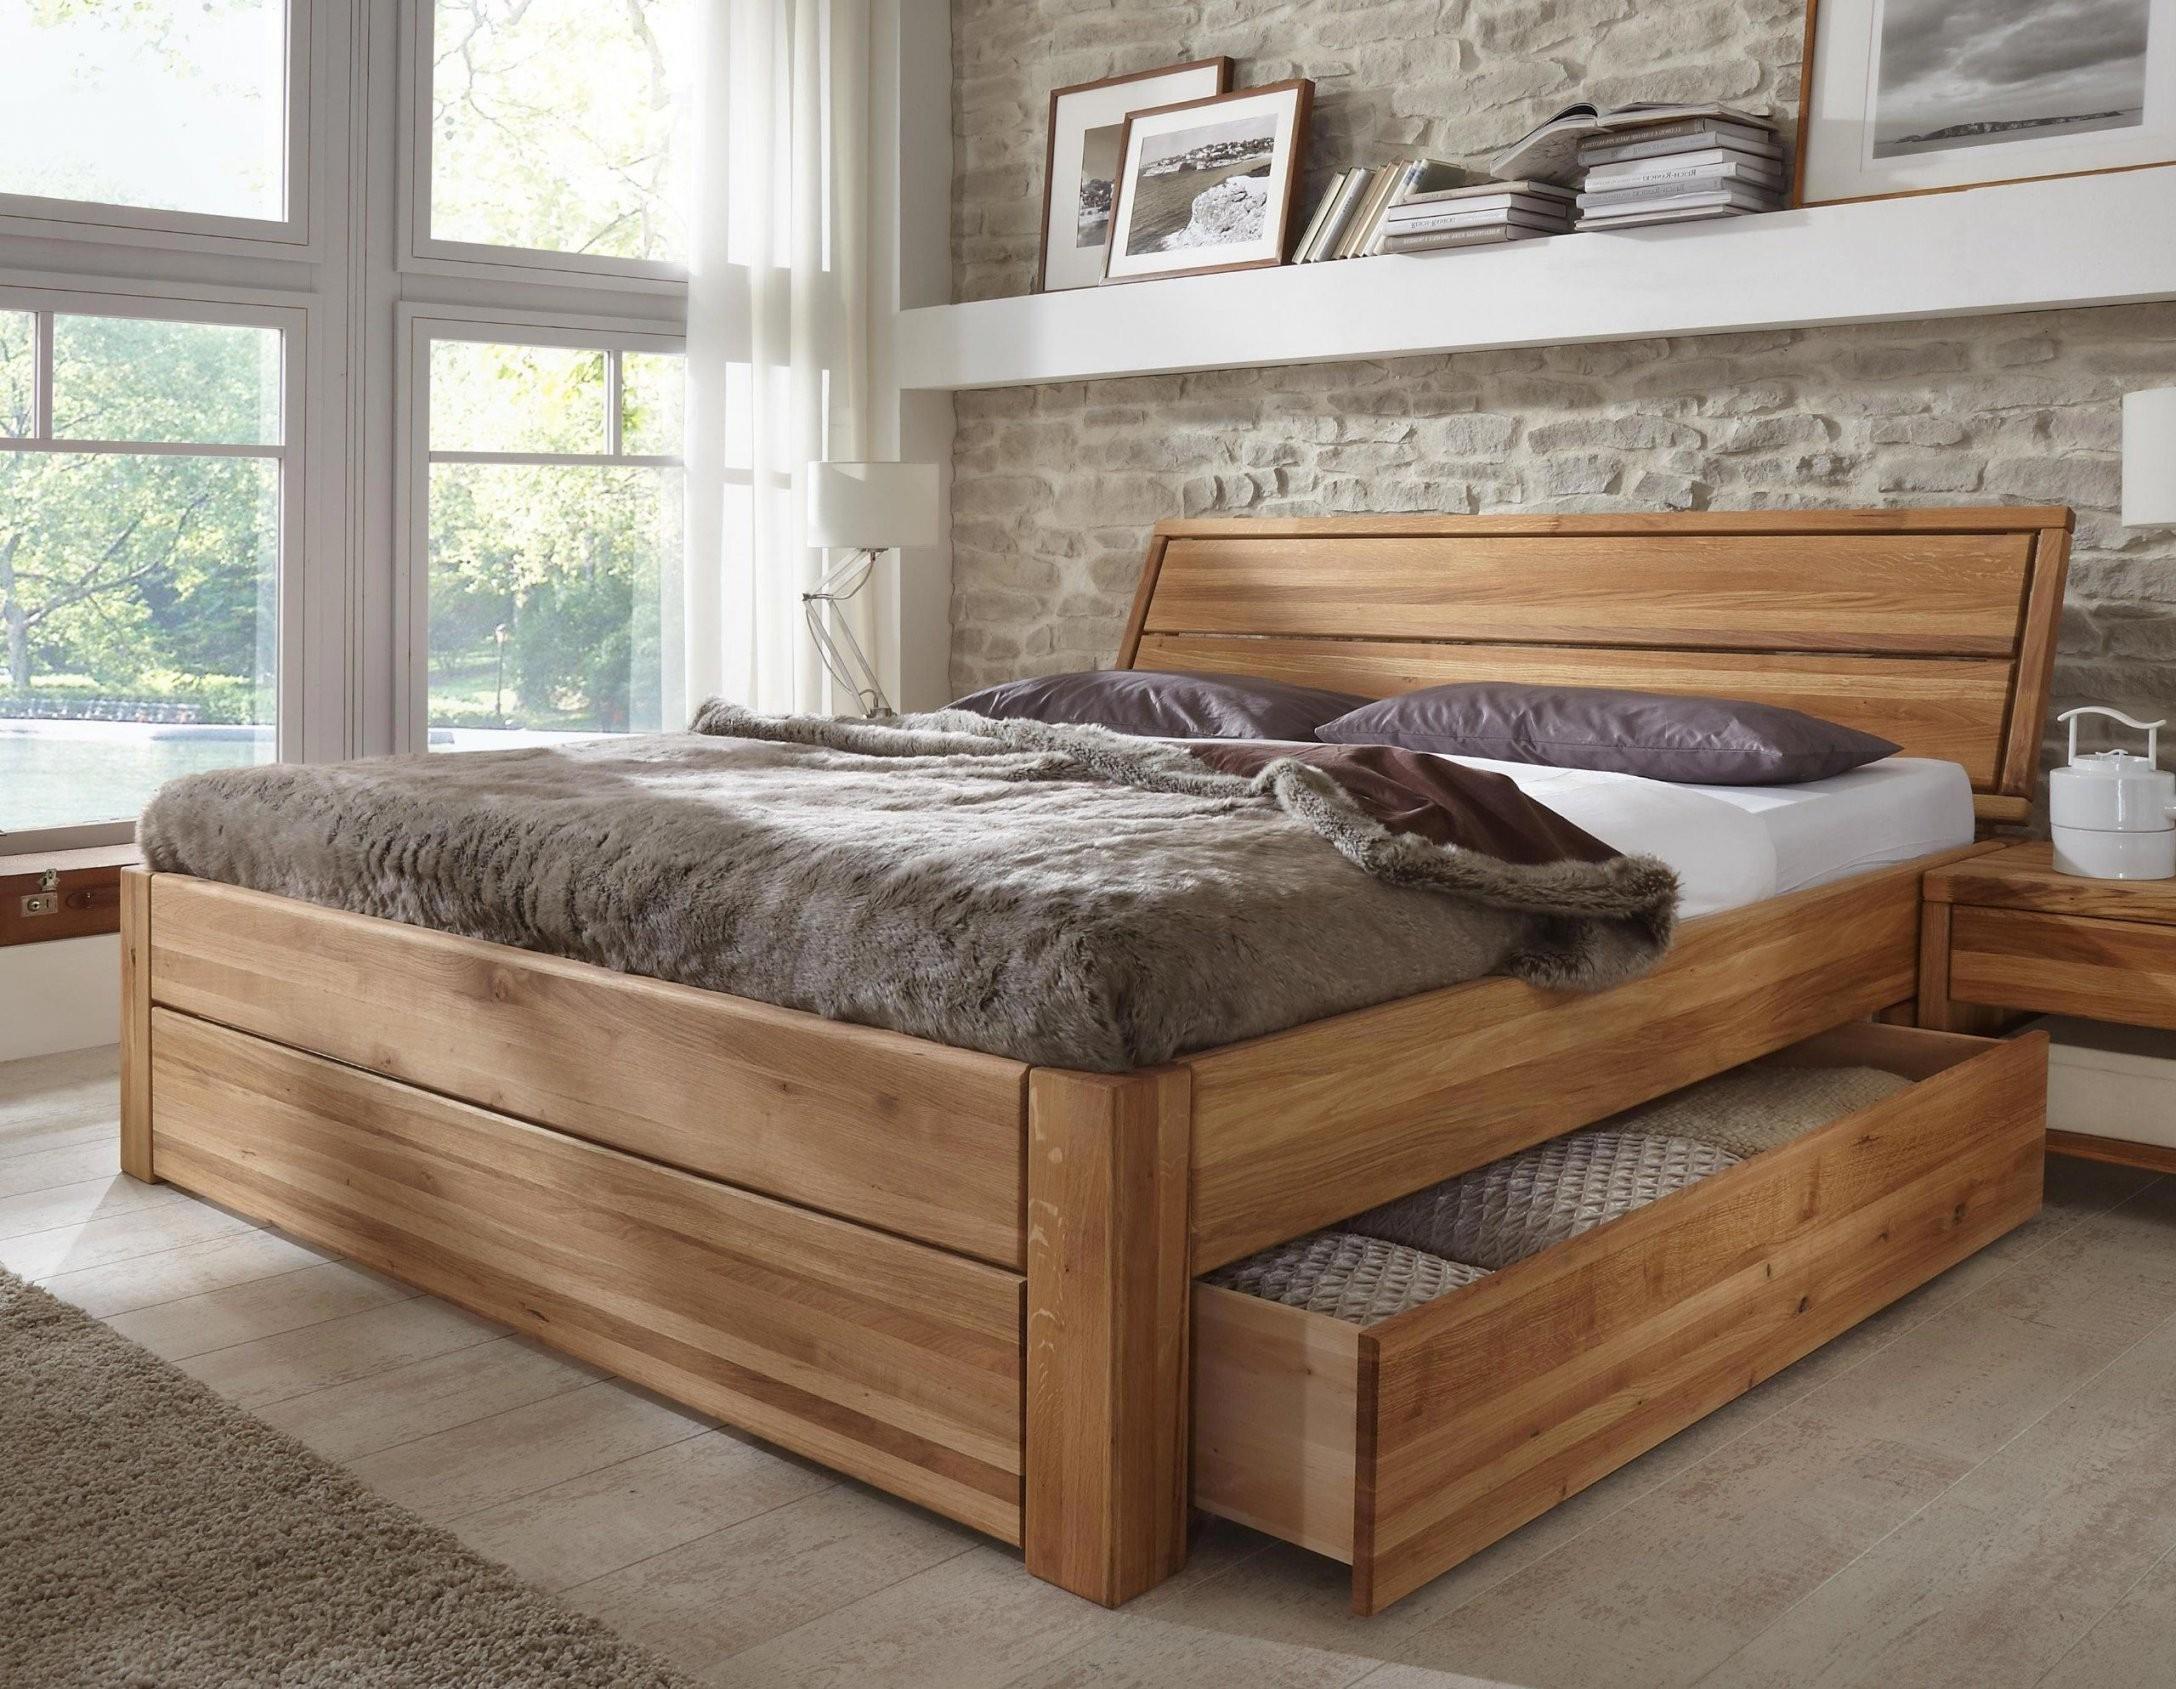 Stilbetten Bett Holzbetten Massivholzbett Tarija Mit Stauraum Eiche von Kolonial Bett 160X200 Bild